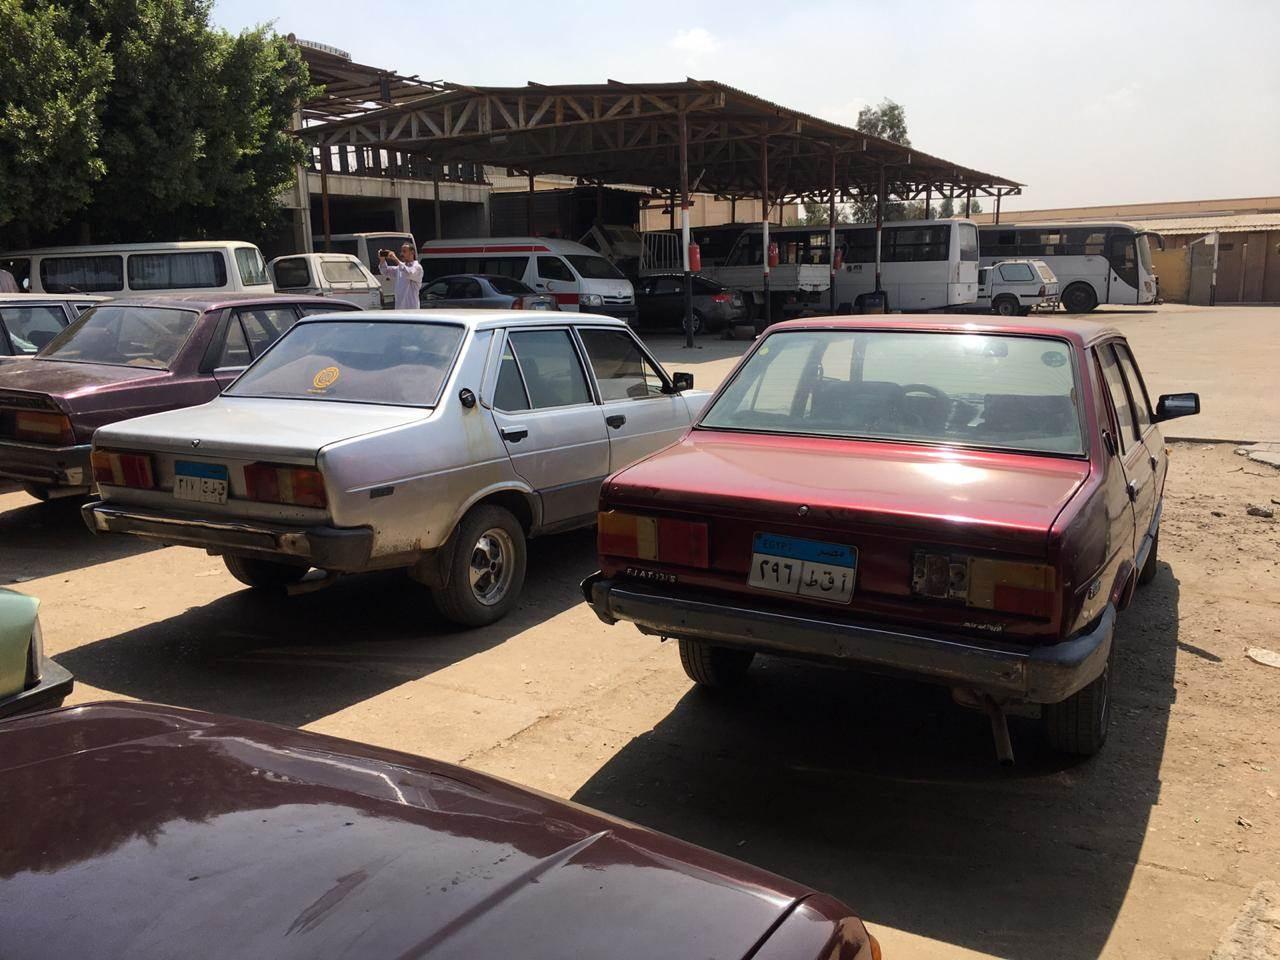 مزاد بيع 120 سيارة مستعملة بالهيئة العربية للتصنيع